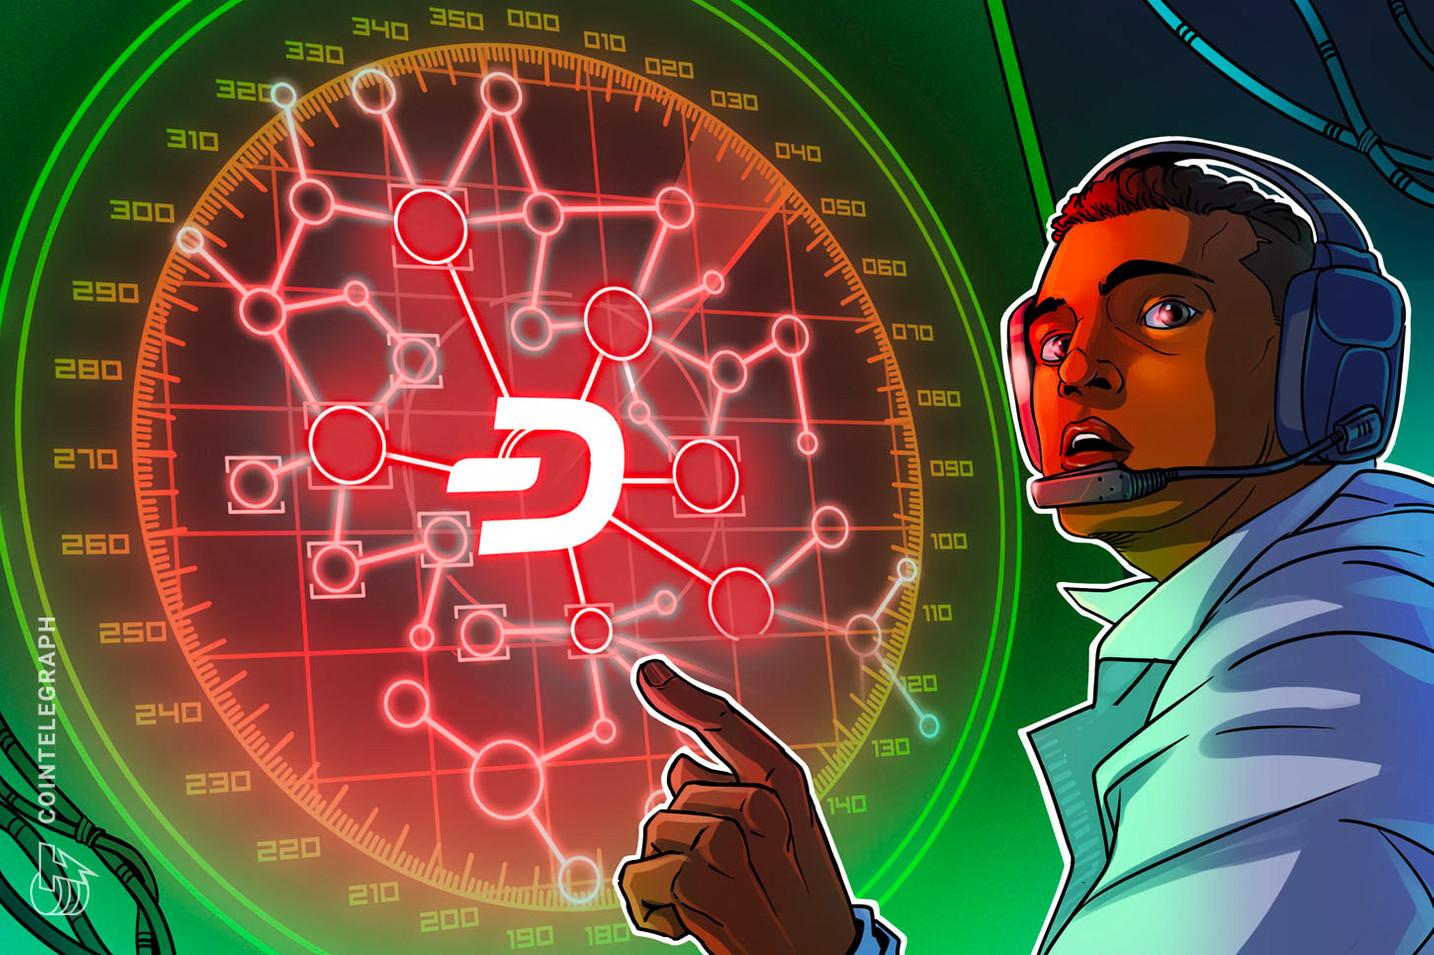 Dash lanza una actualización en respuesta a las nuevas vulnerabilidades expuestas